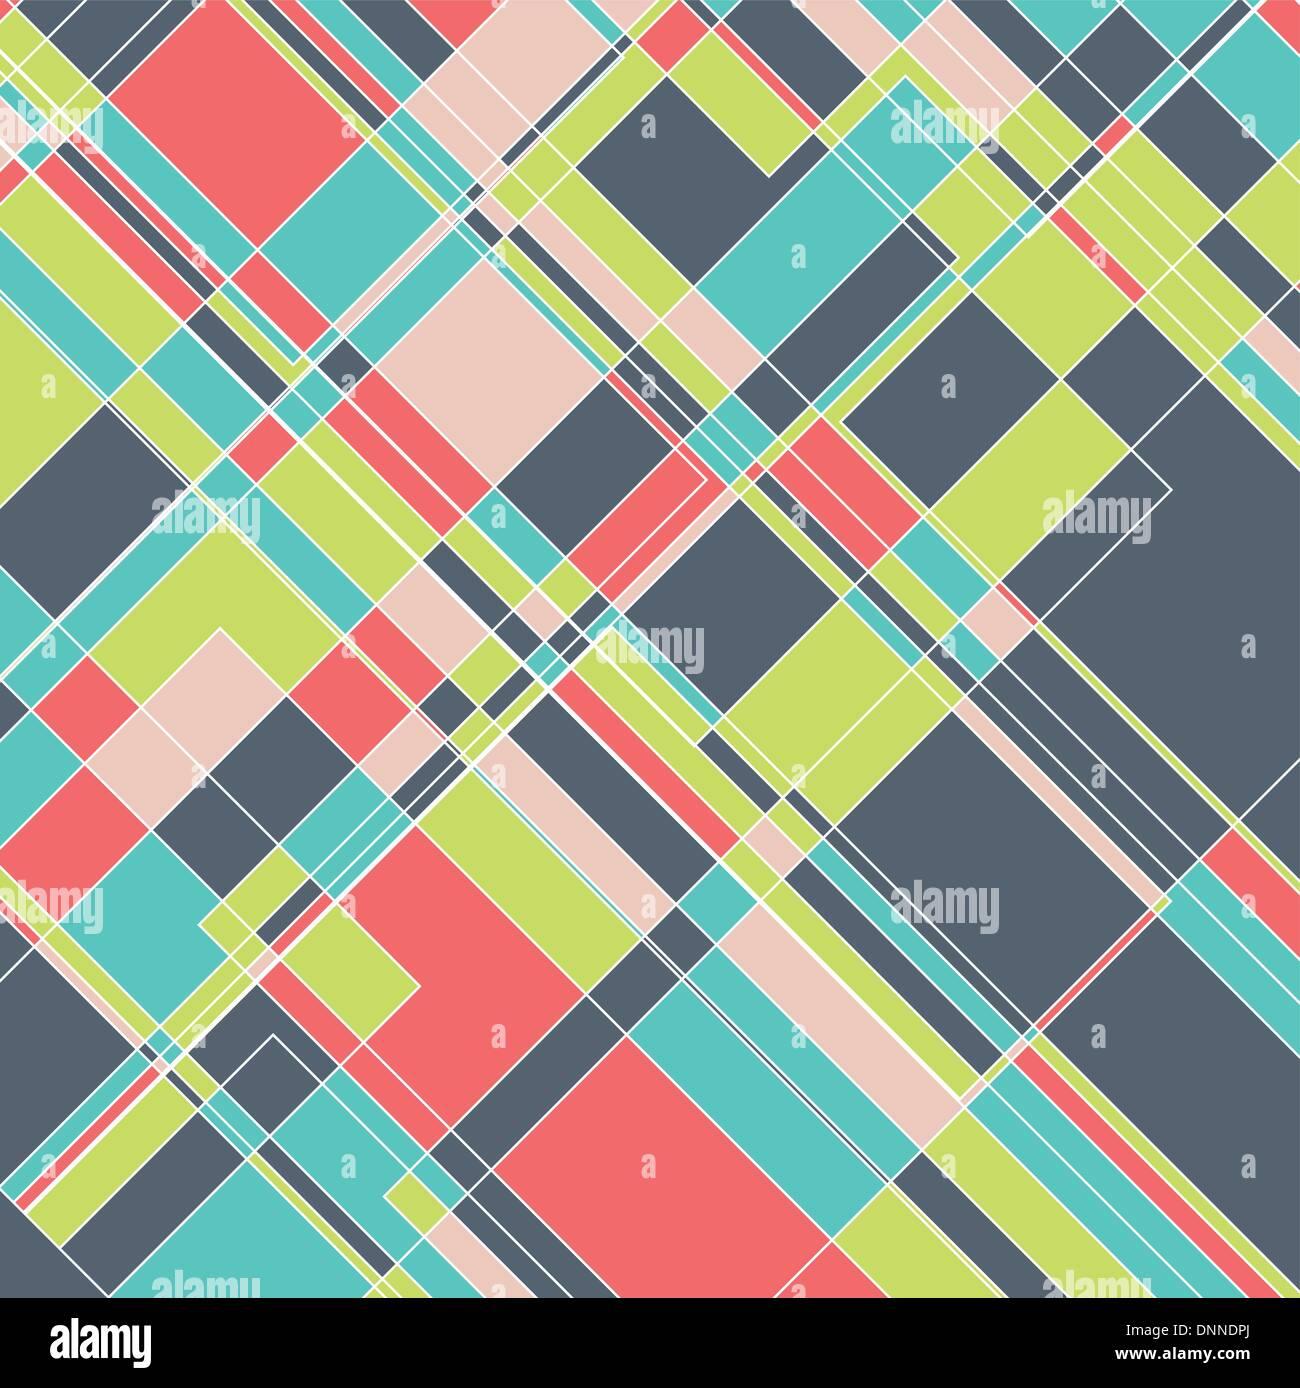 Resumo de fundo com um design padrão geométrico Imagens de Stock